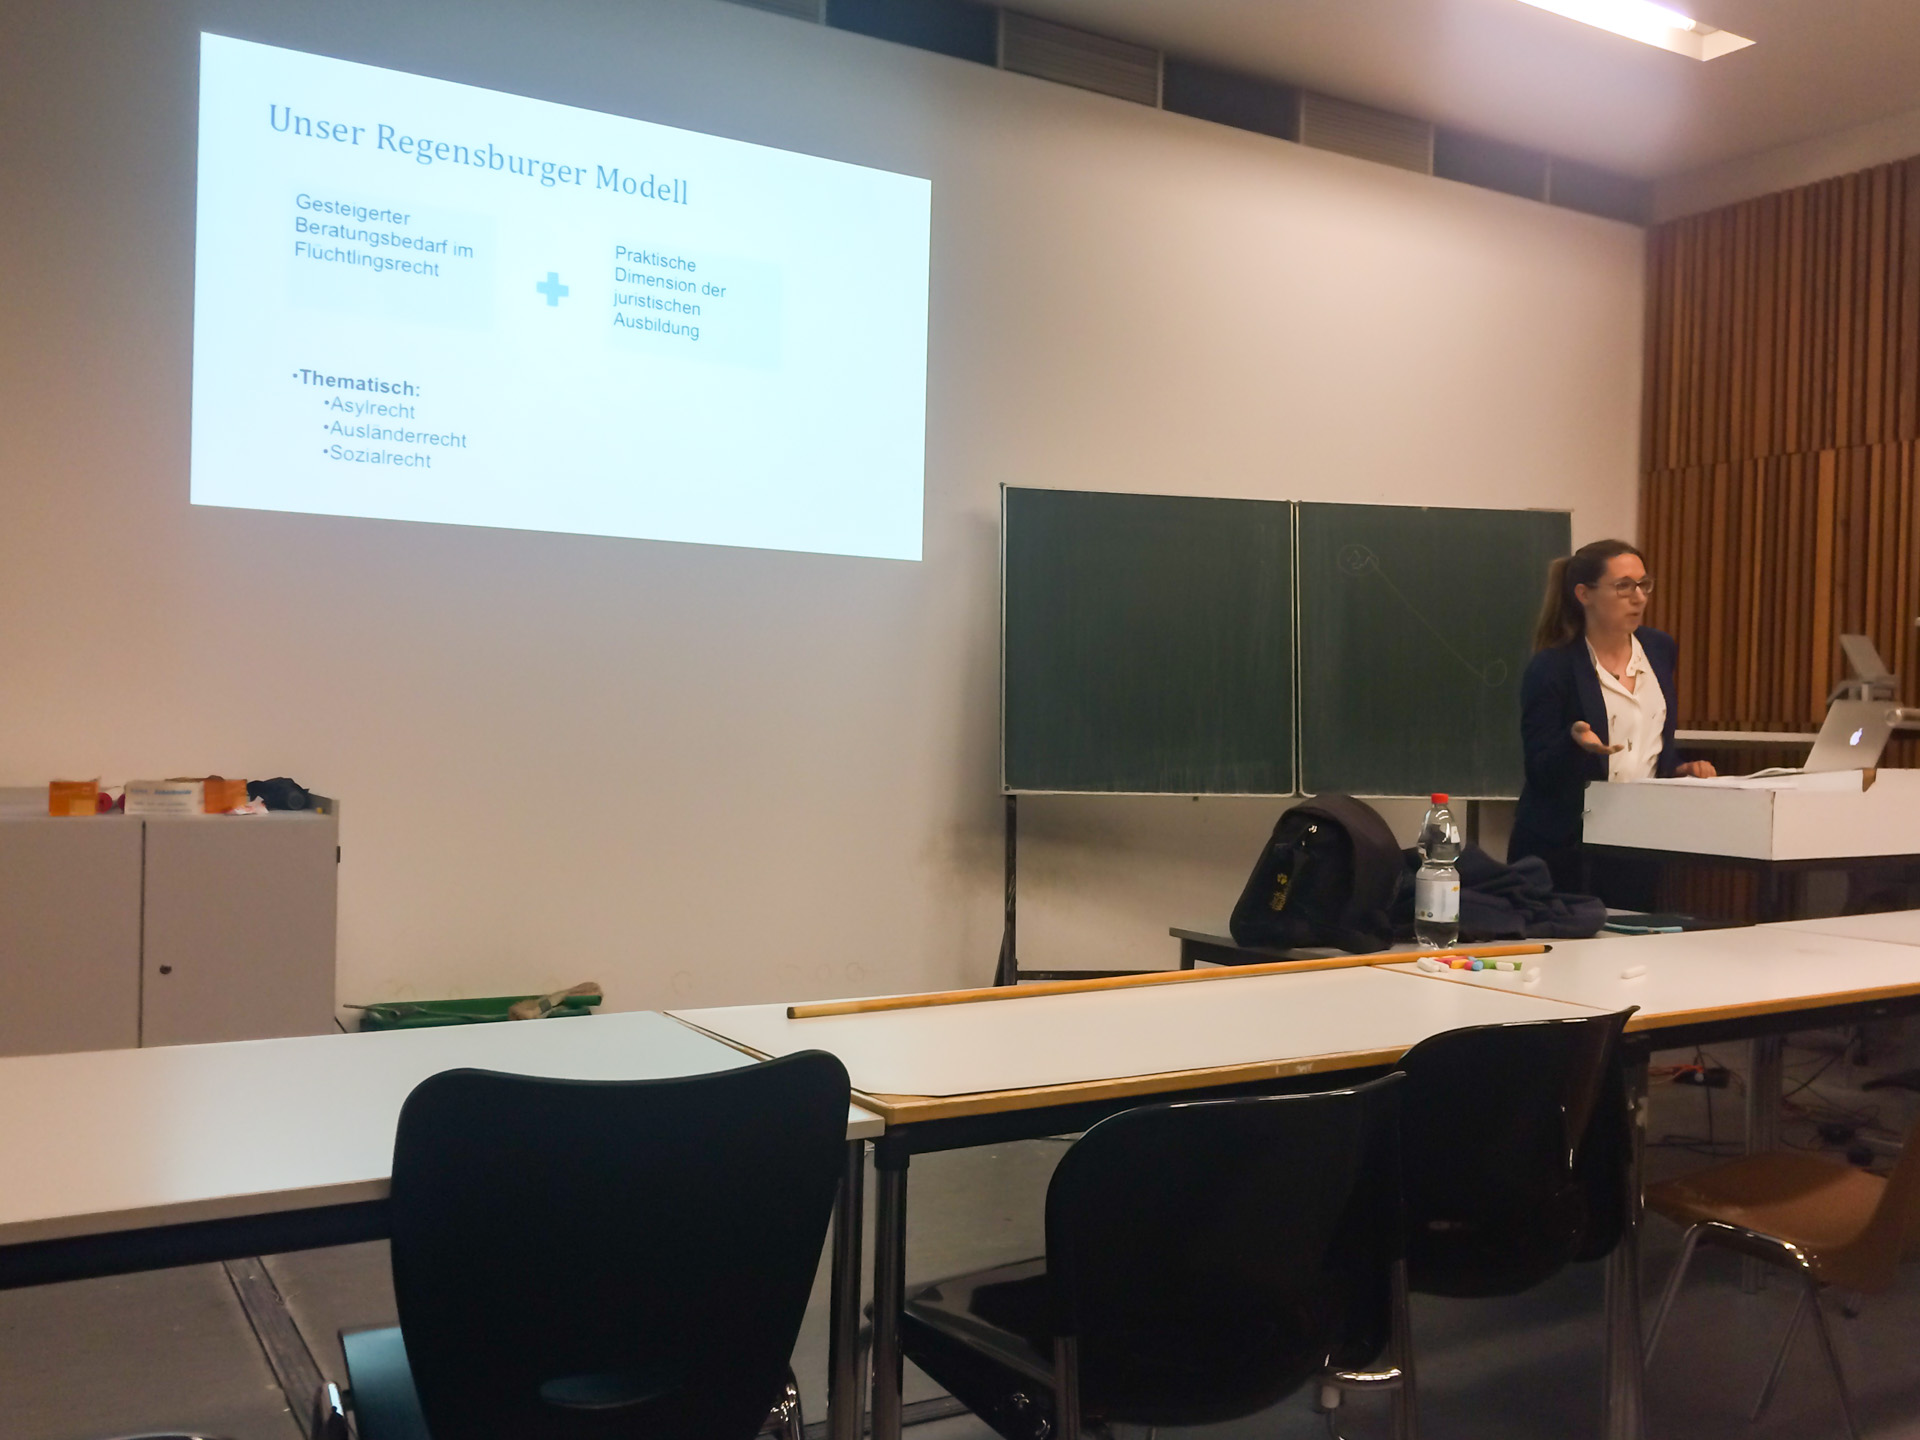 Vorstandsmitglied Larissa Borkowski erklärt die Organisation der RLC Regensburg. (Foto: Rebekka Miller)